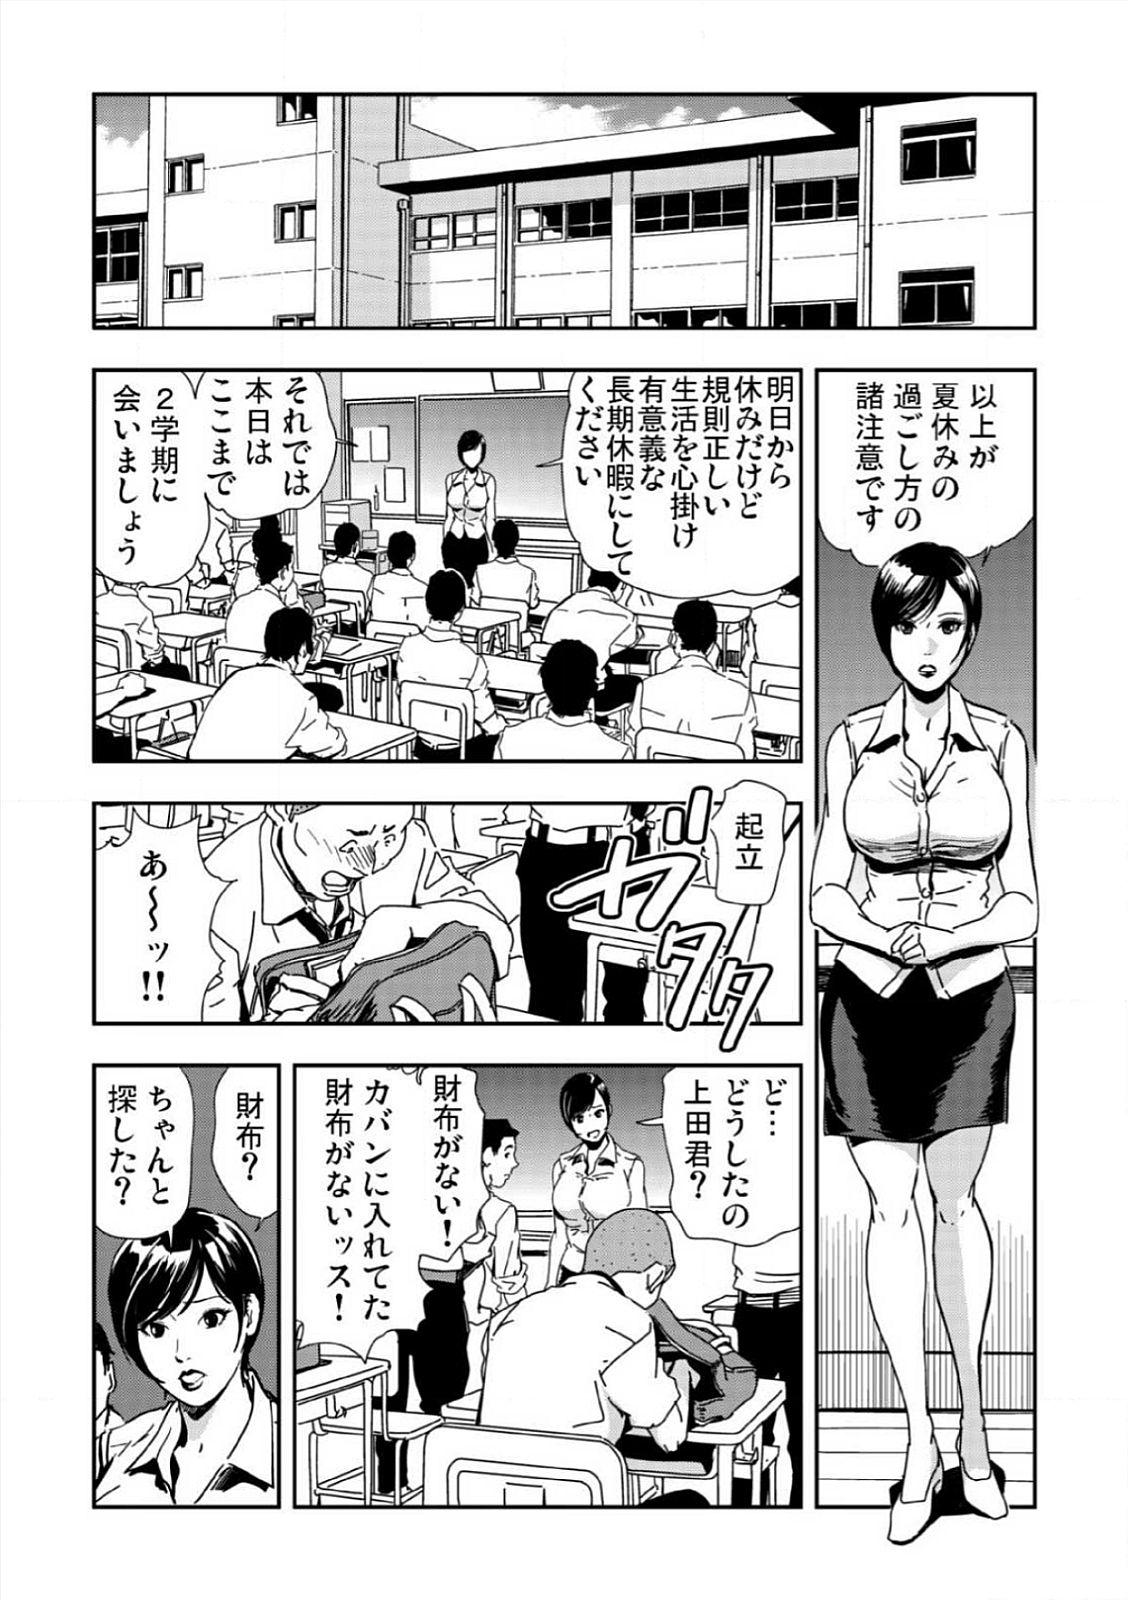 [Misaki Yukihiro] Kyousei Shidou ~Mechakucha ni Kegasarete~ (1)~(6) [Digital] 141